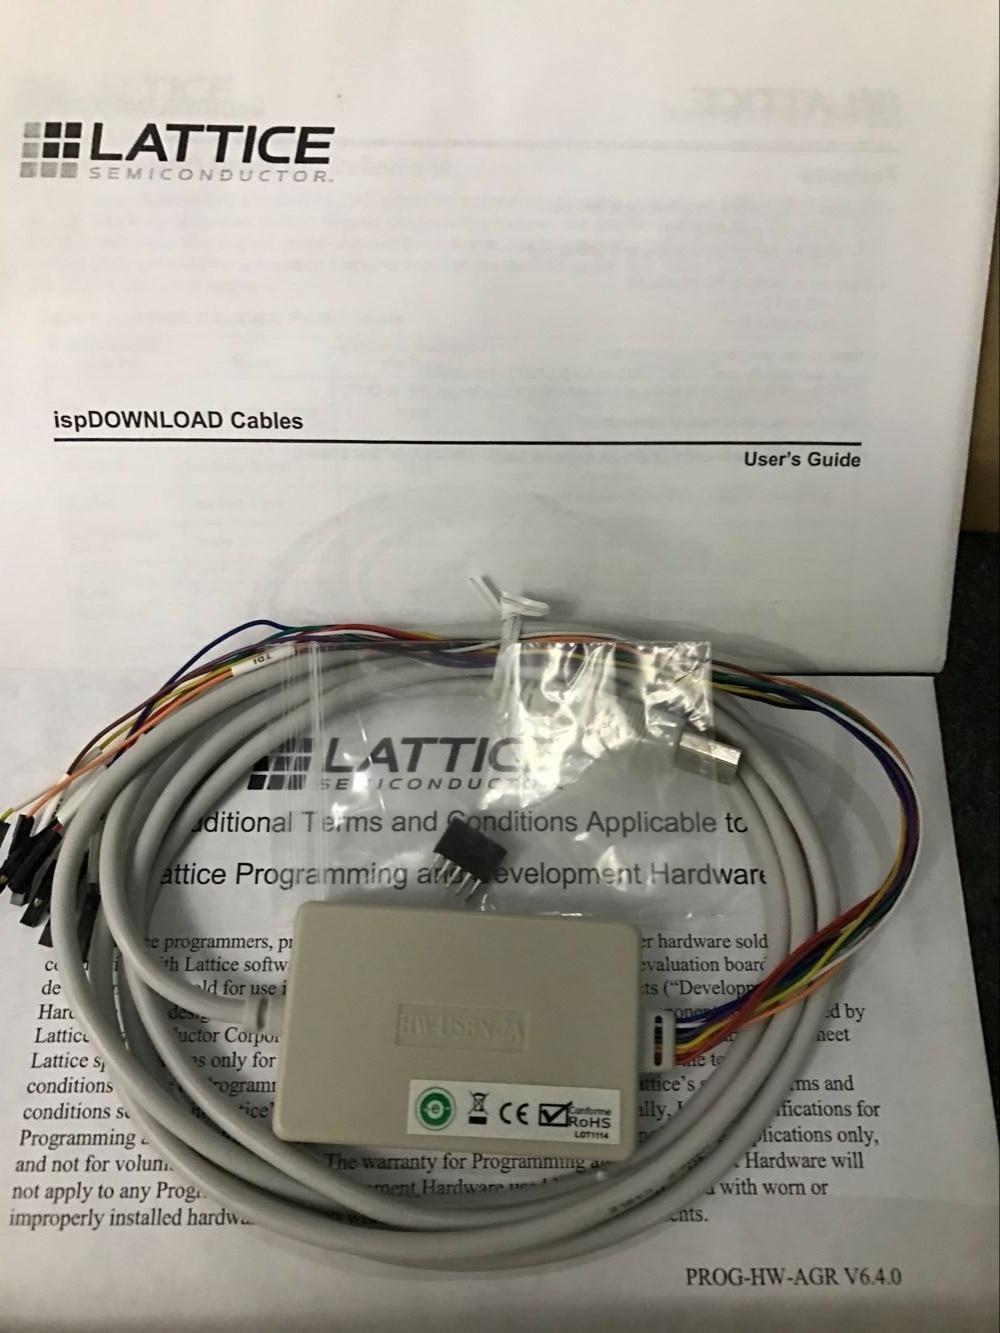 LATTICE Simulator Downloader HW-USBN-2A USB Download Line Programmer Ispdownload Cable